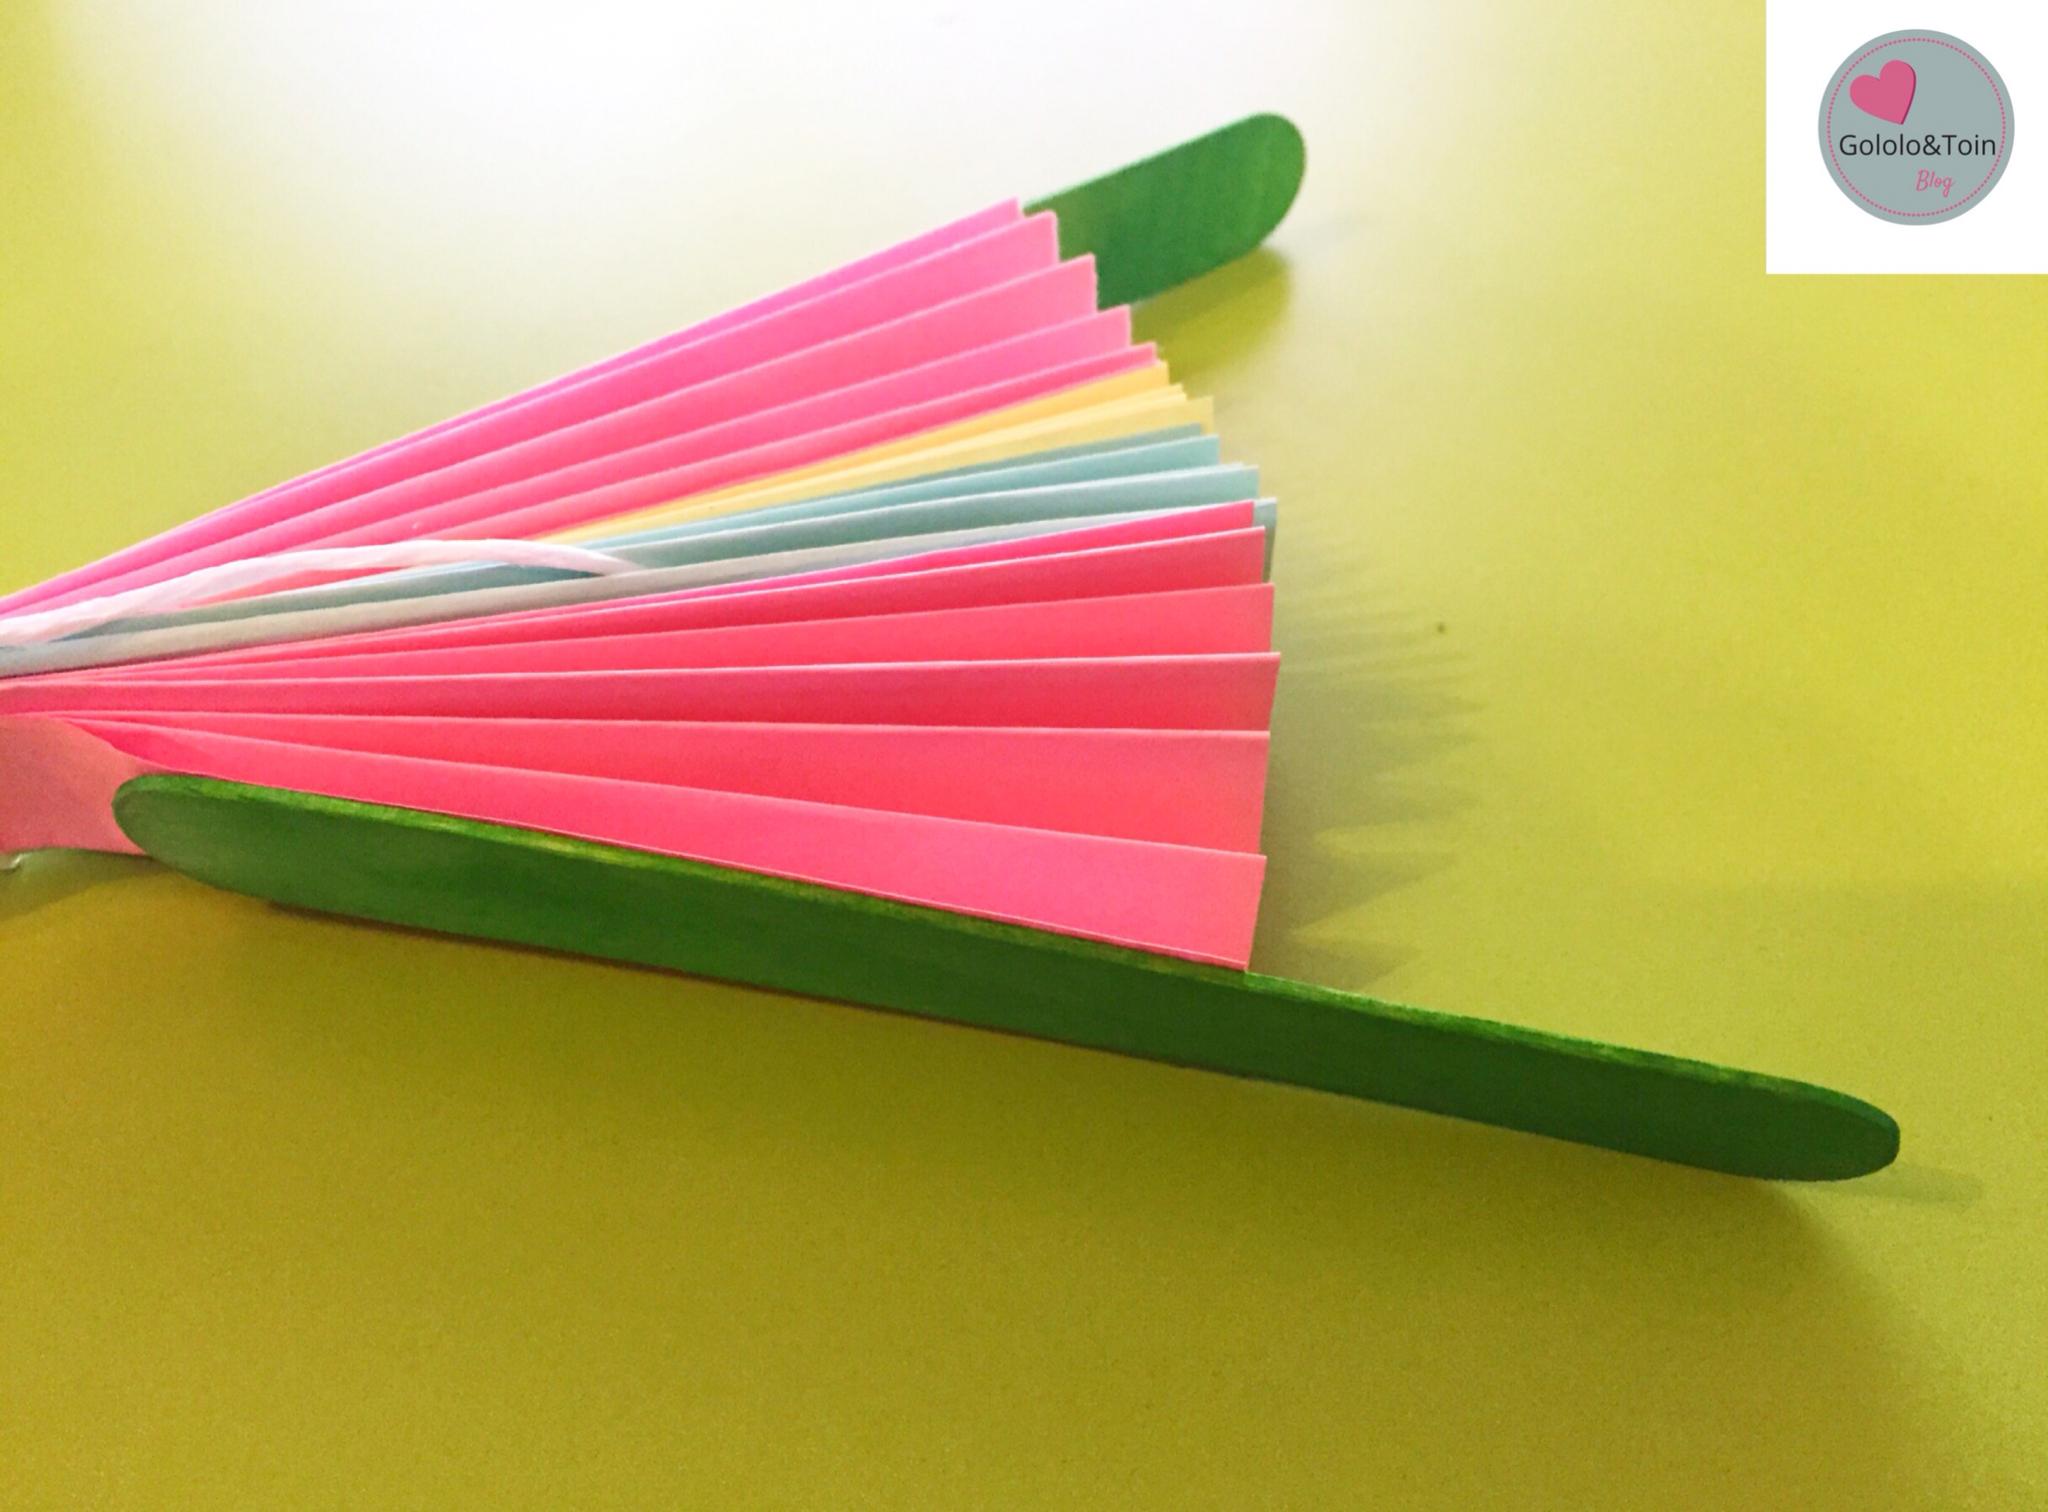 Abanico con folios de colores diy gololo y toin blog - Como hacer un abanico ...